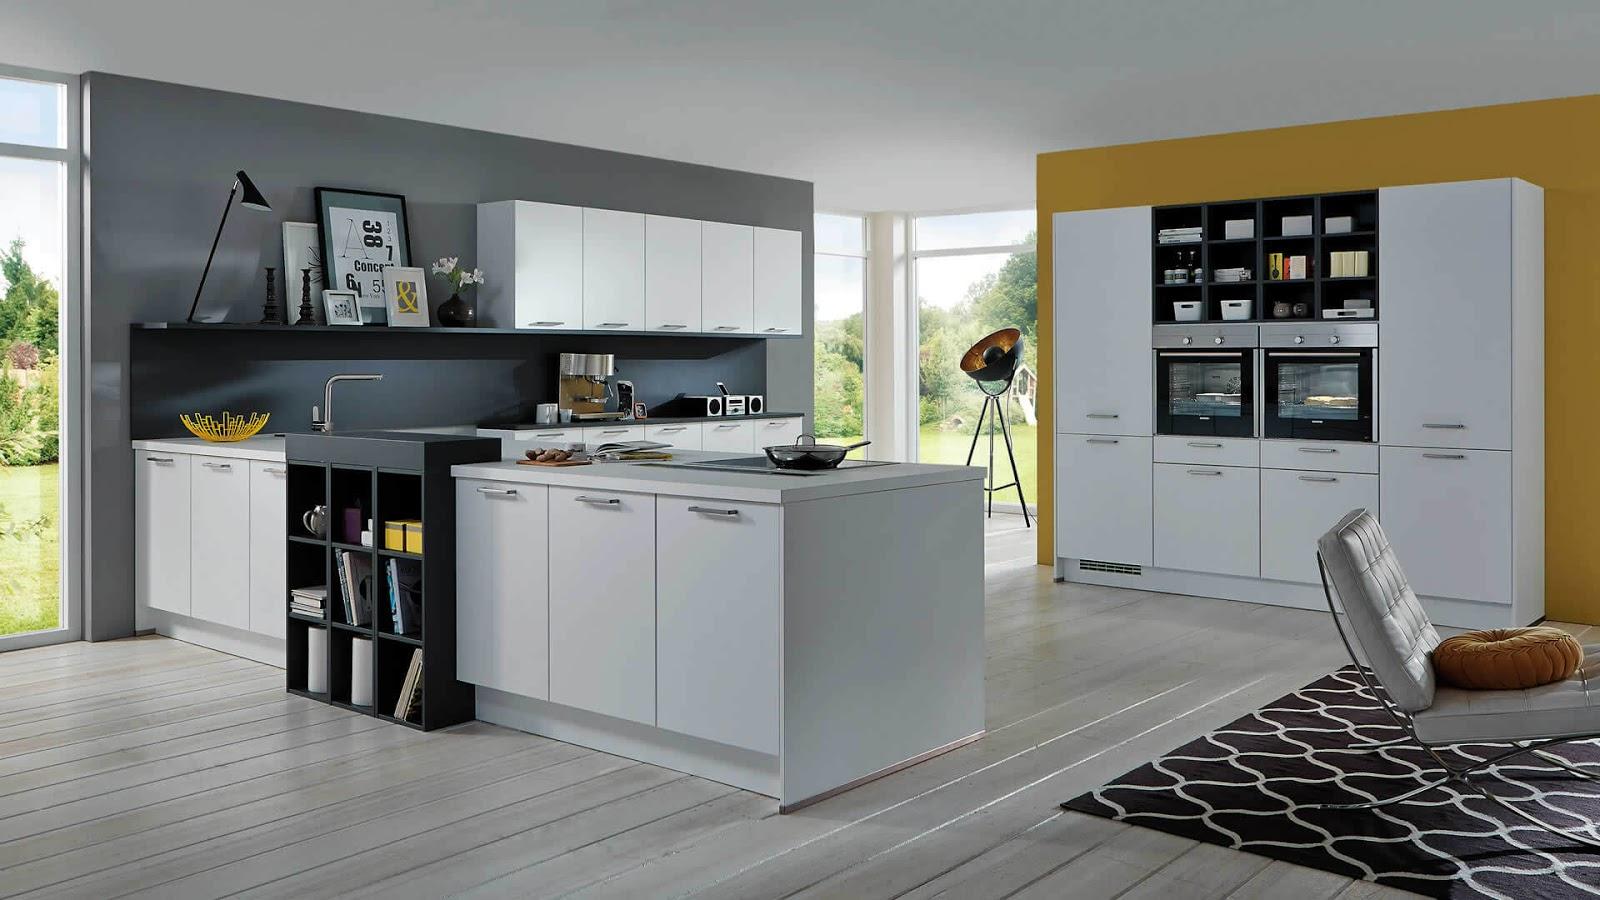 Küchen Aktuell Erfahrungen küchen aktuell mülheim kärlich erfahrungen home design